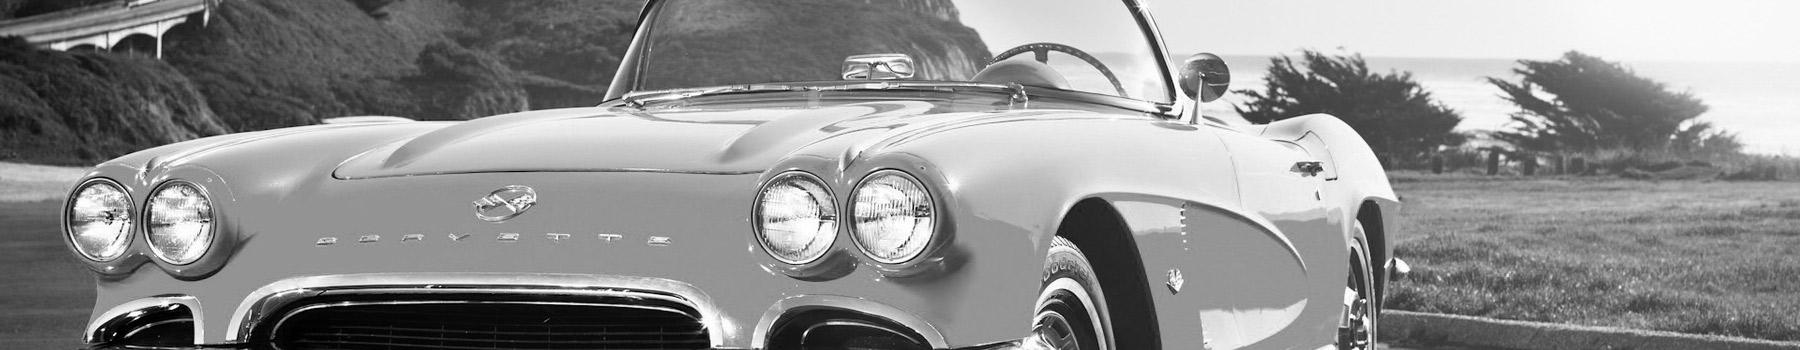 c1 corvette 1953-1962